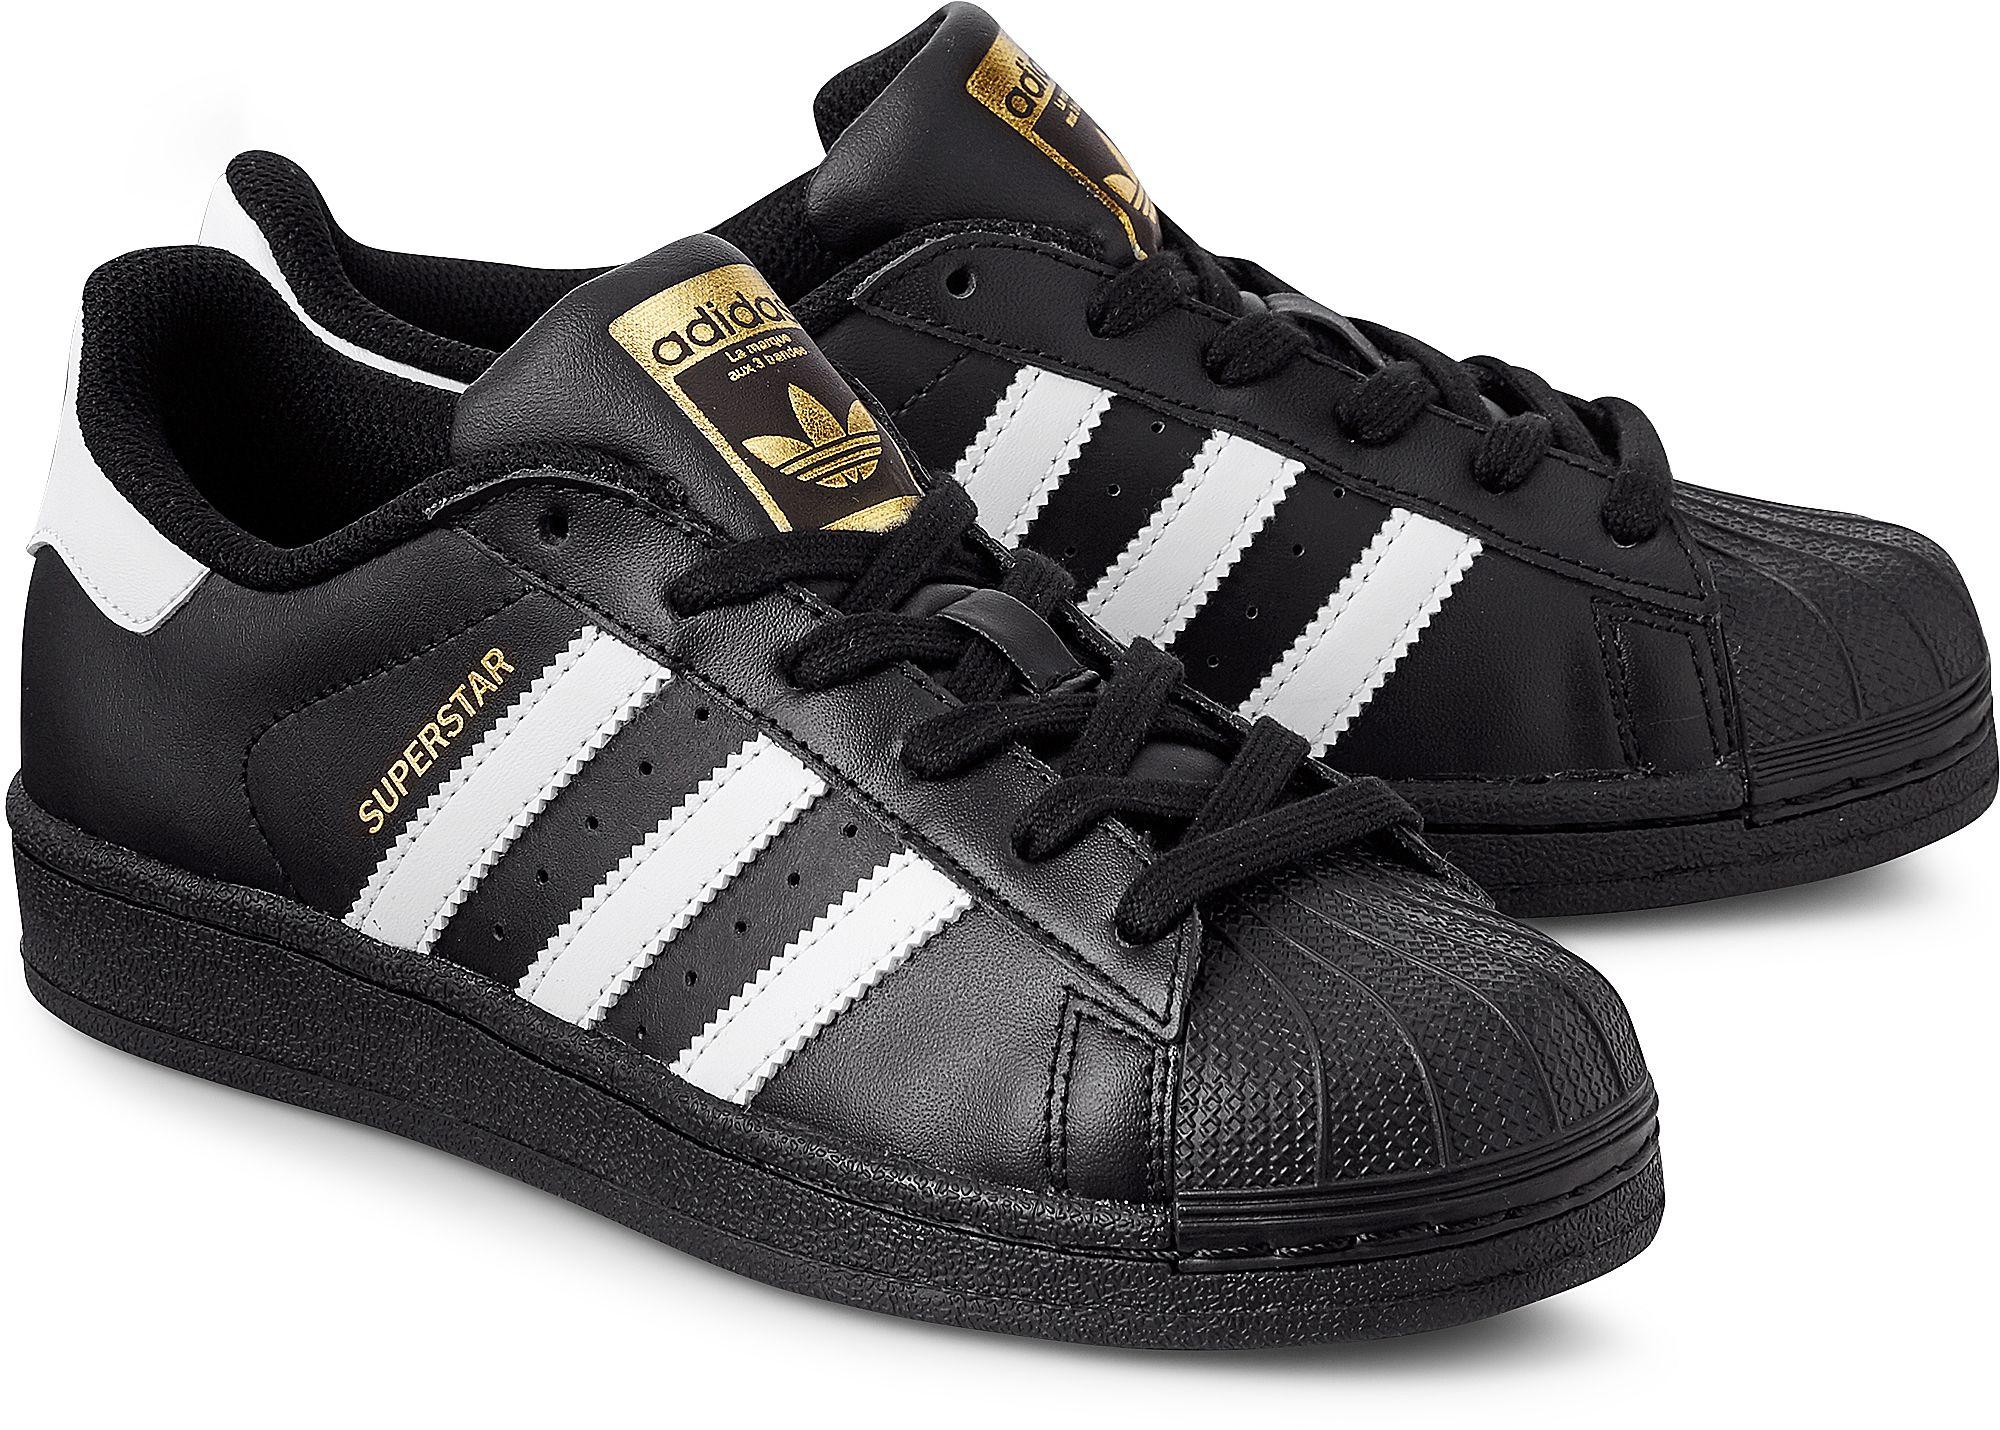 SUPERSTAR FOUNDATION von Adidas Originals in schwarz für